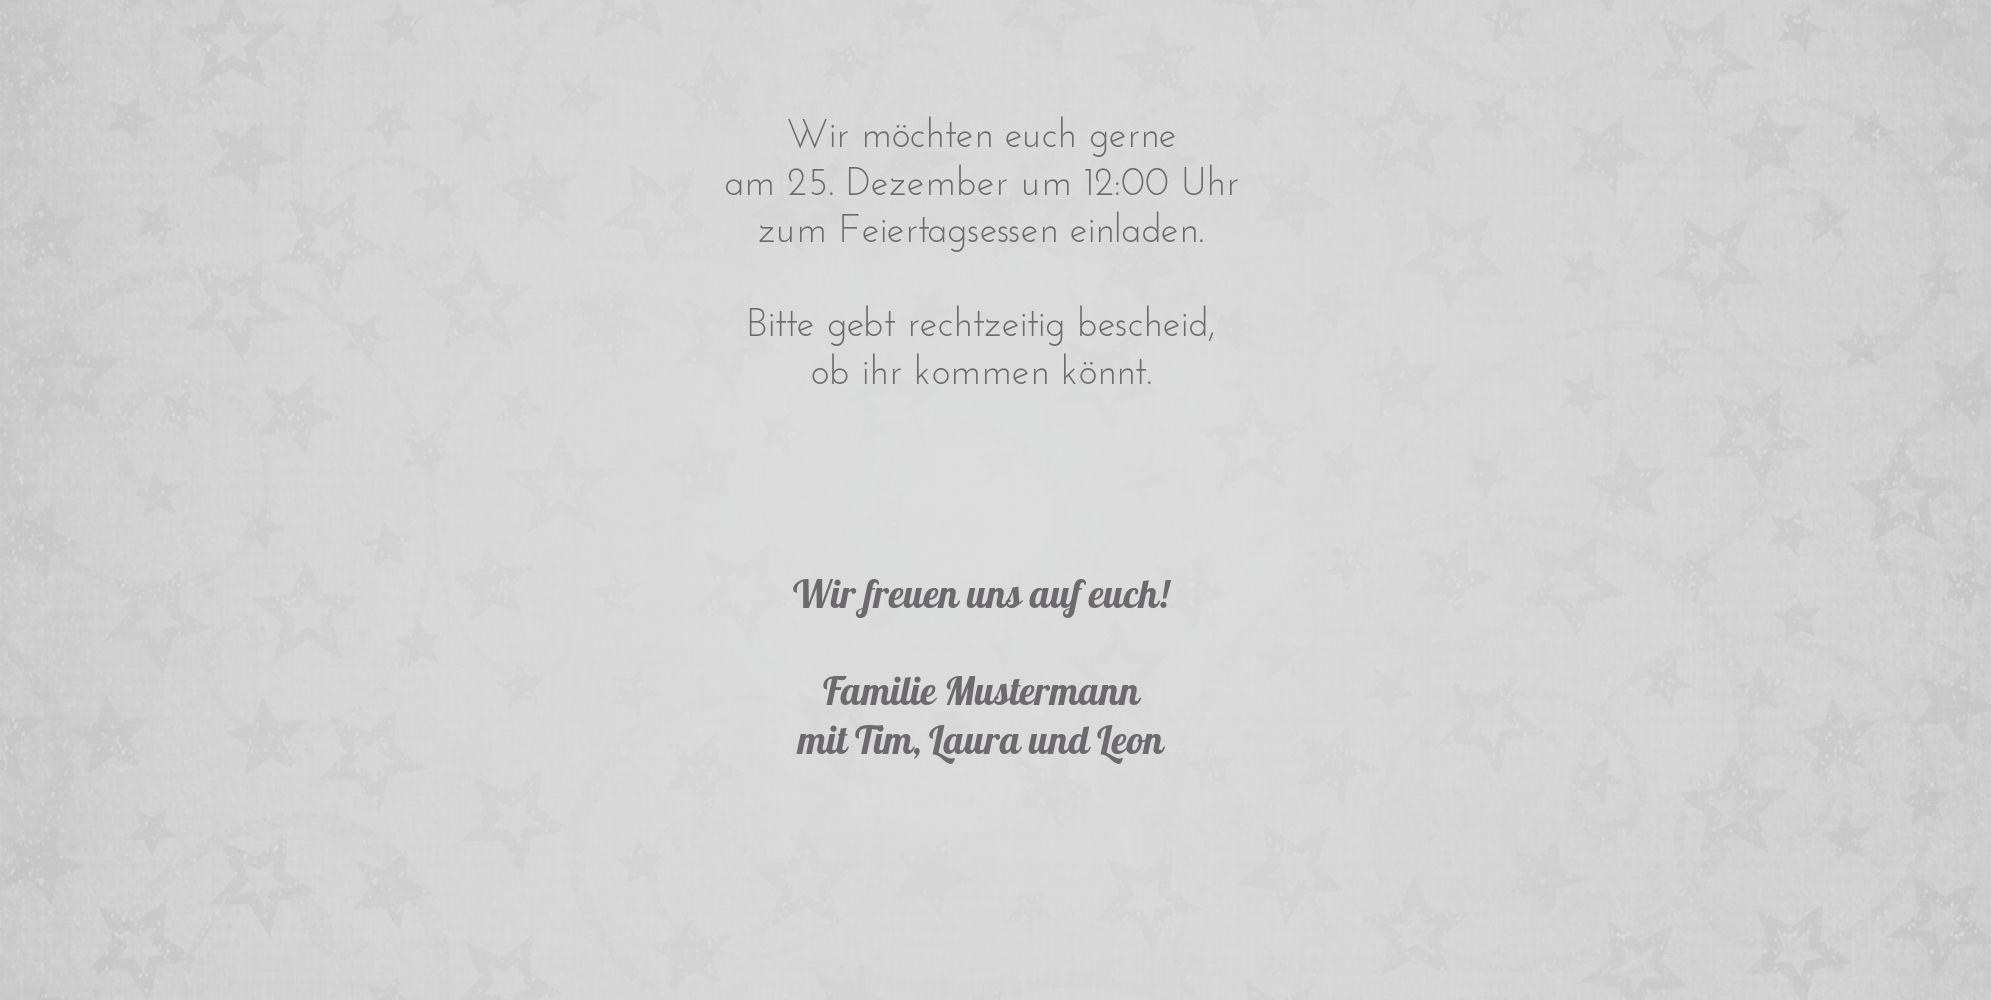 Ansicht 5 - Einladung Trio